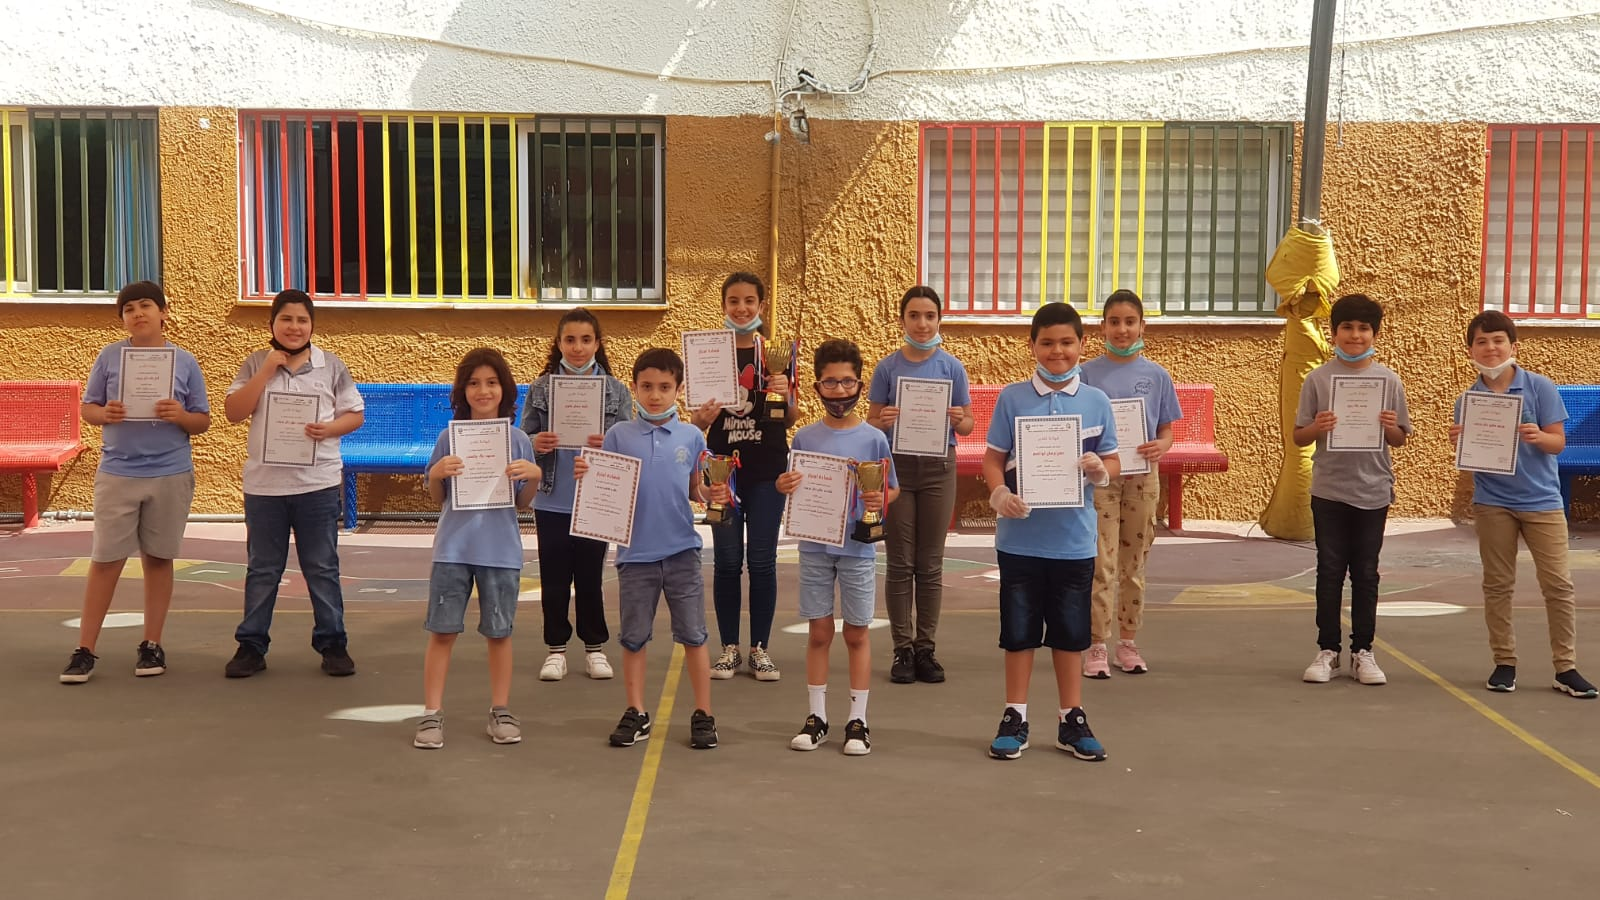 جَمعيَّةُ إبداع تُكرِّمُ الفائزينَ في مُسابقَةِ اللُّغَةِ العَربيَّةِ القُطريَّةِ الحادية عَشرة بالتَّعاونِ مَع المدارسِ المشاركة